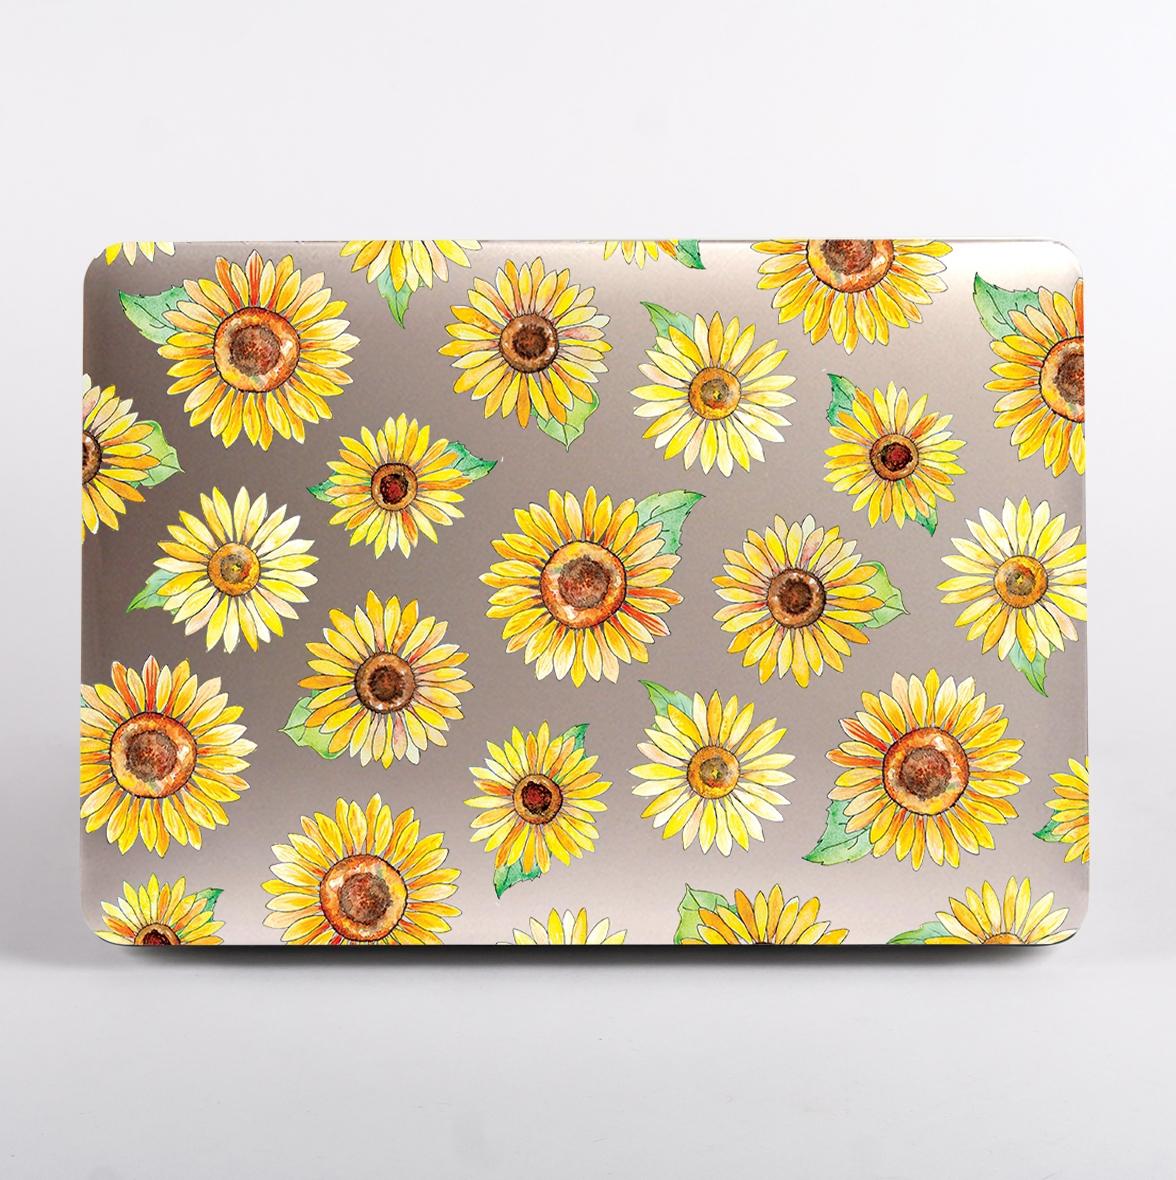 sale retailer 05ac0 8885f Sunflowers - Clear MacBook Case